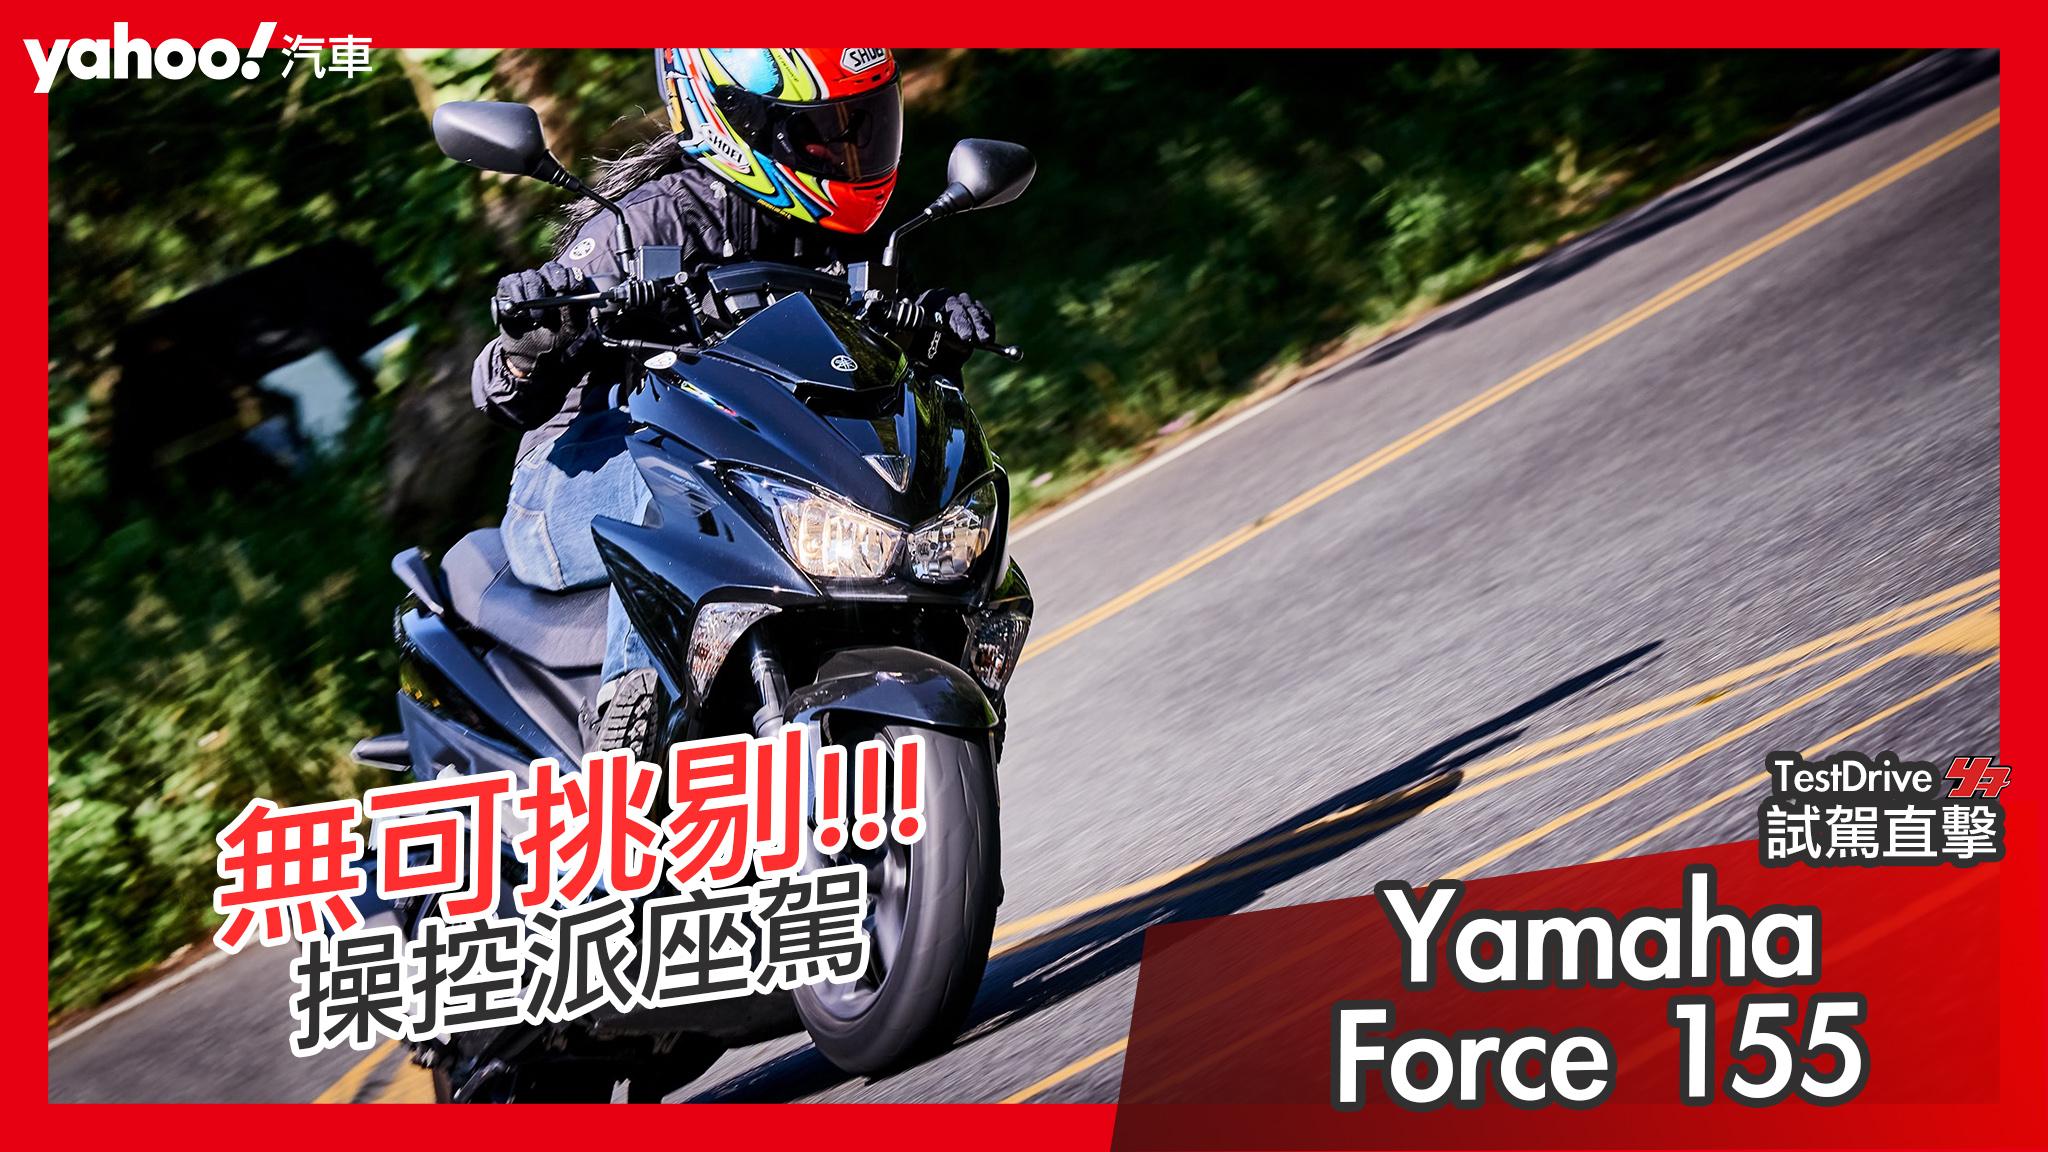 【試駕直擊】2021 Yamaha Force 155桃園山徑試駕!平衡依舊無可挑剔!